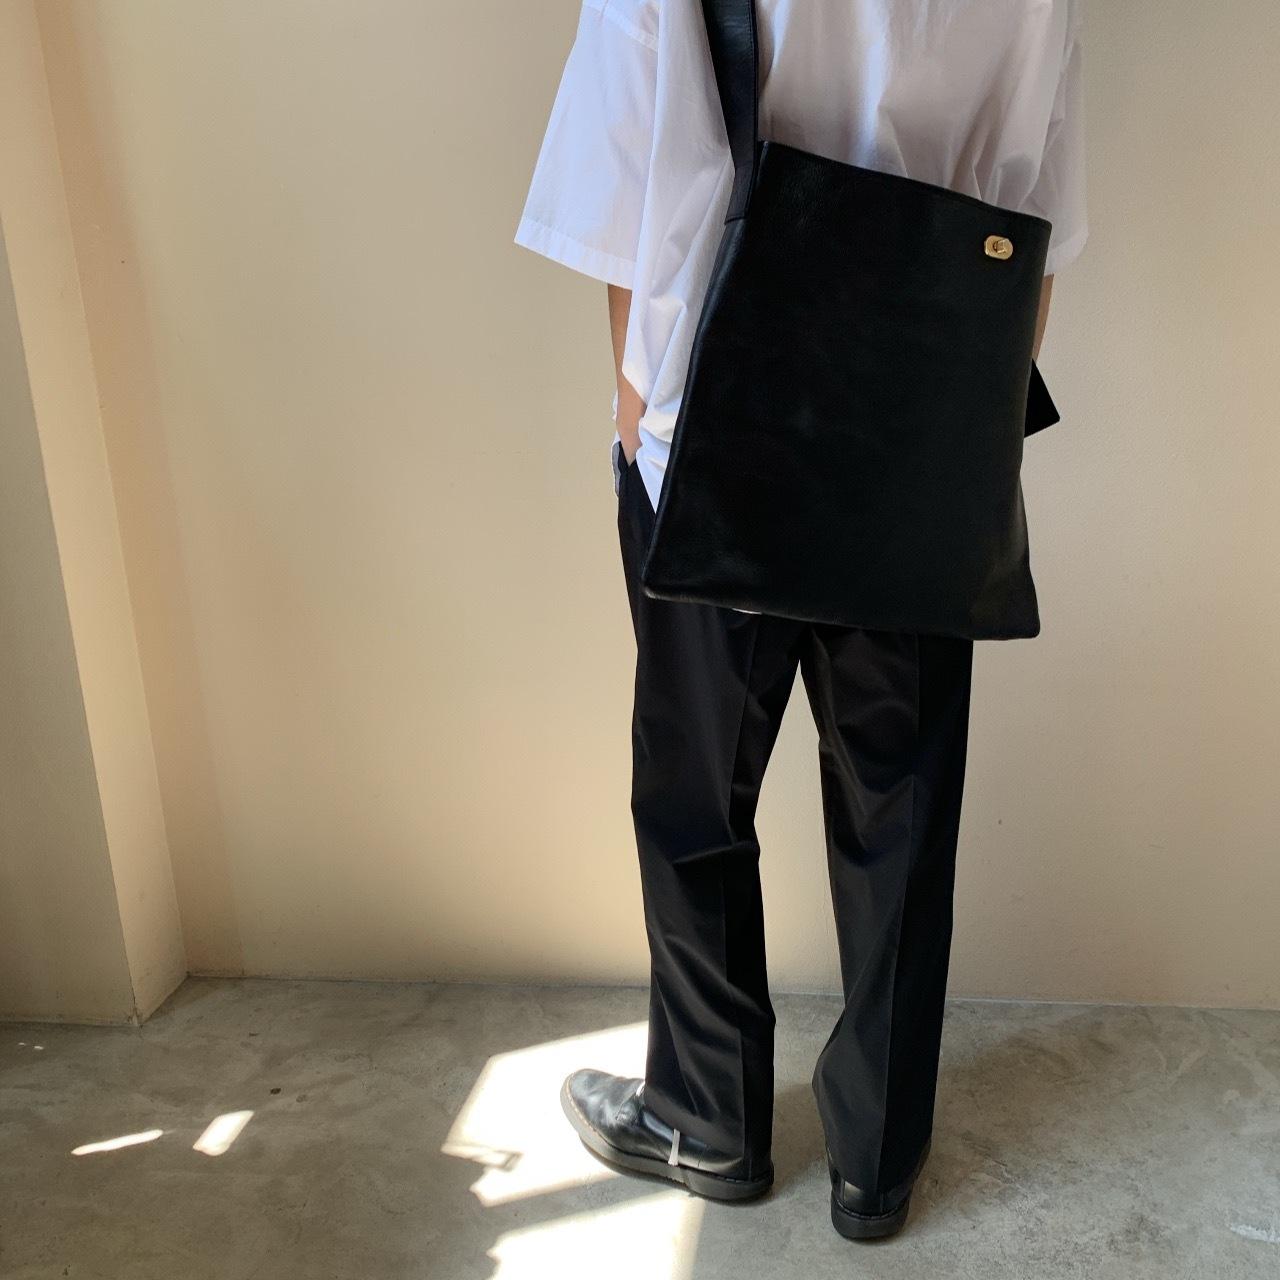 Hender Scheme - twist buckle bag L